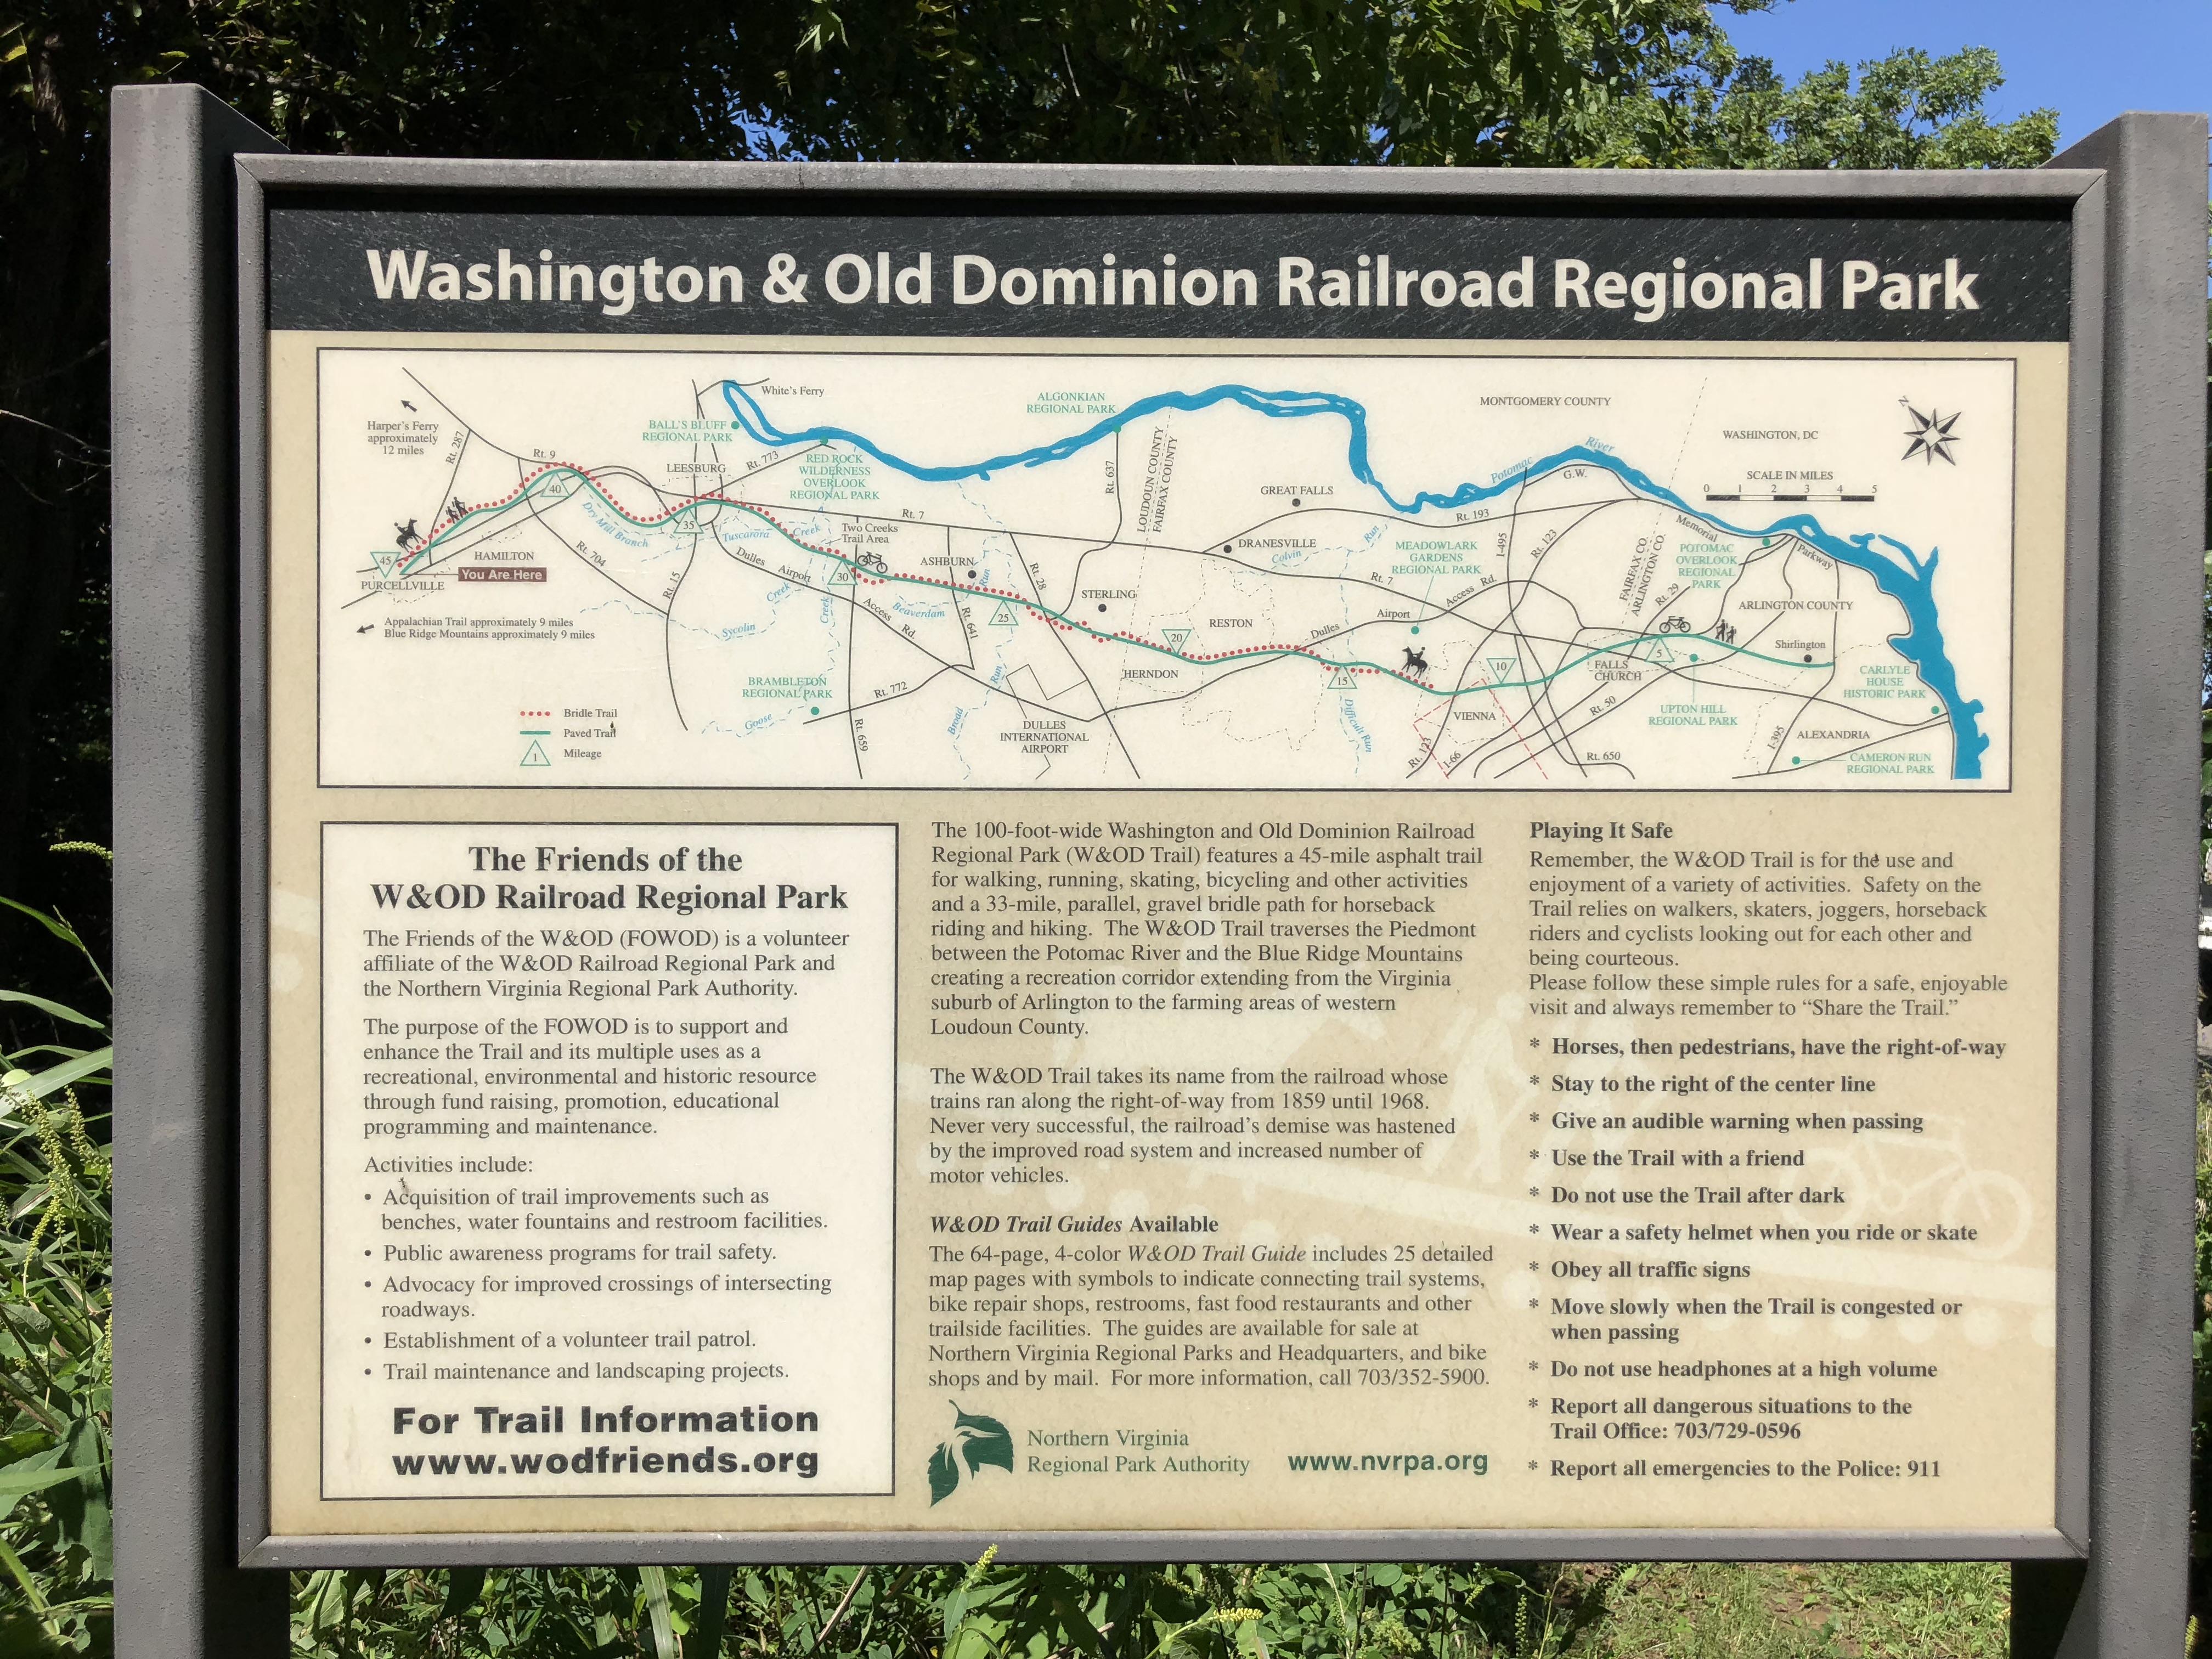 File:2018-08-23 12 37 36 Washington & Old Dominion Railroad